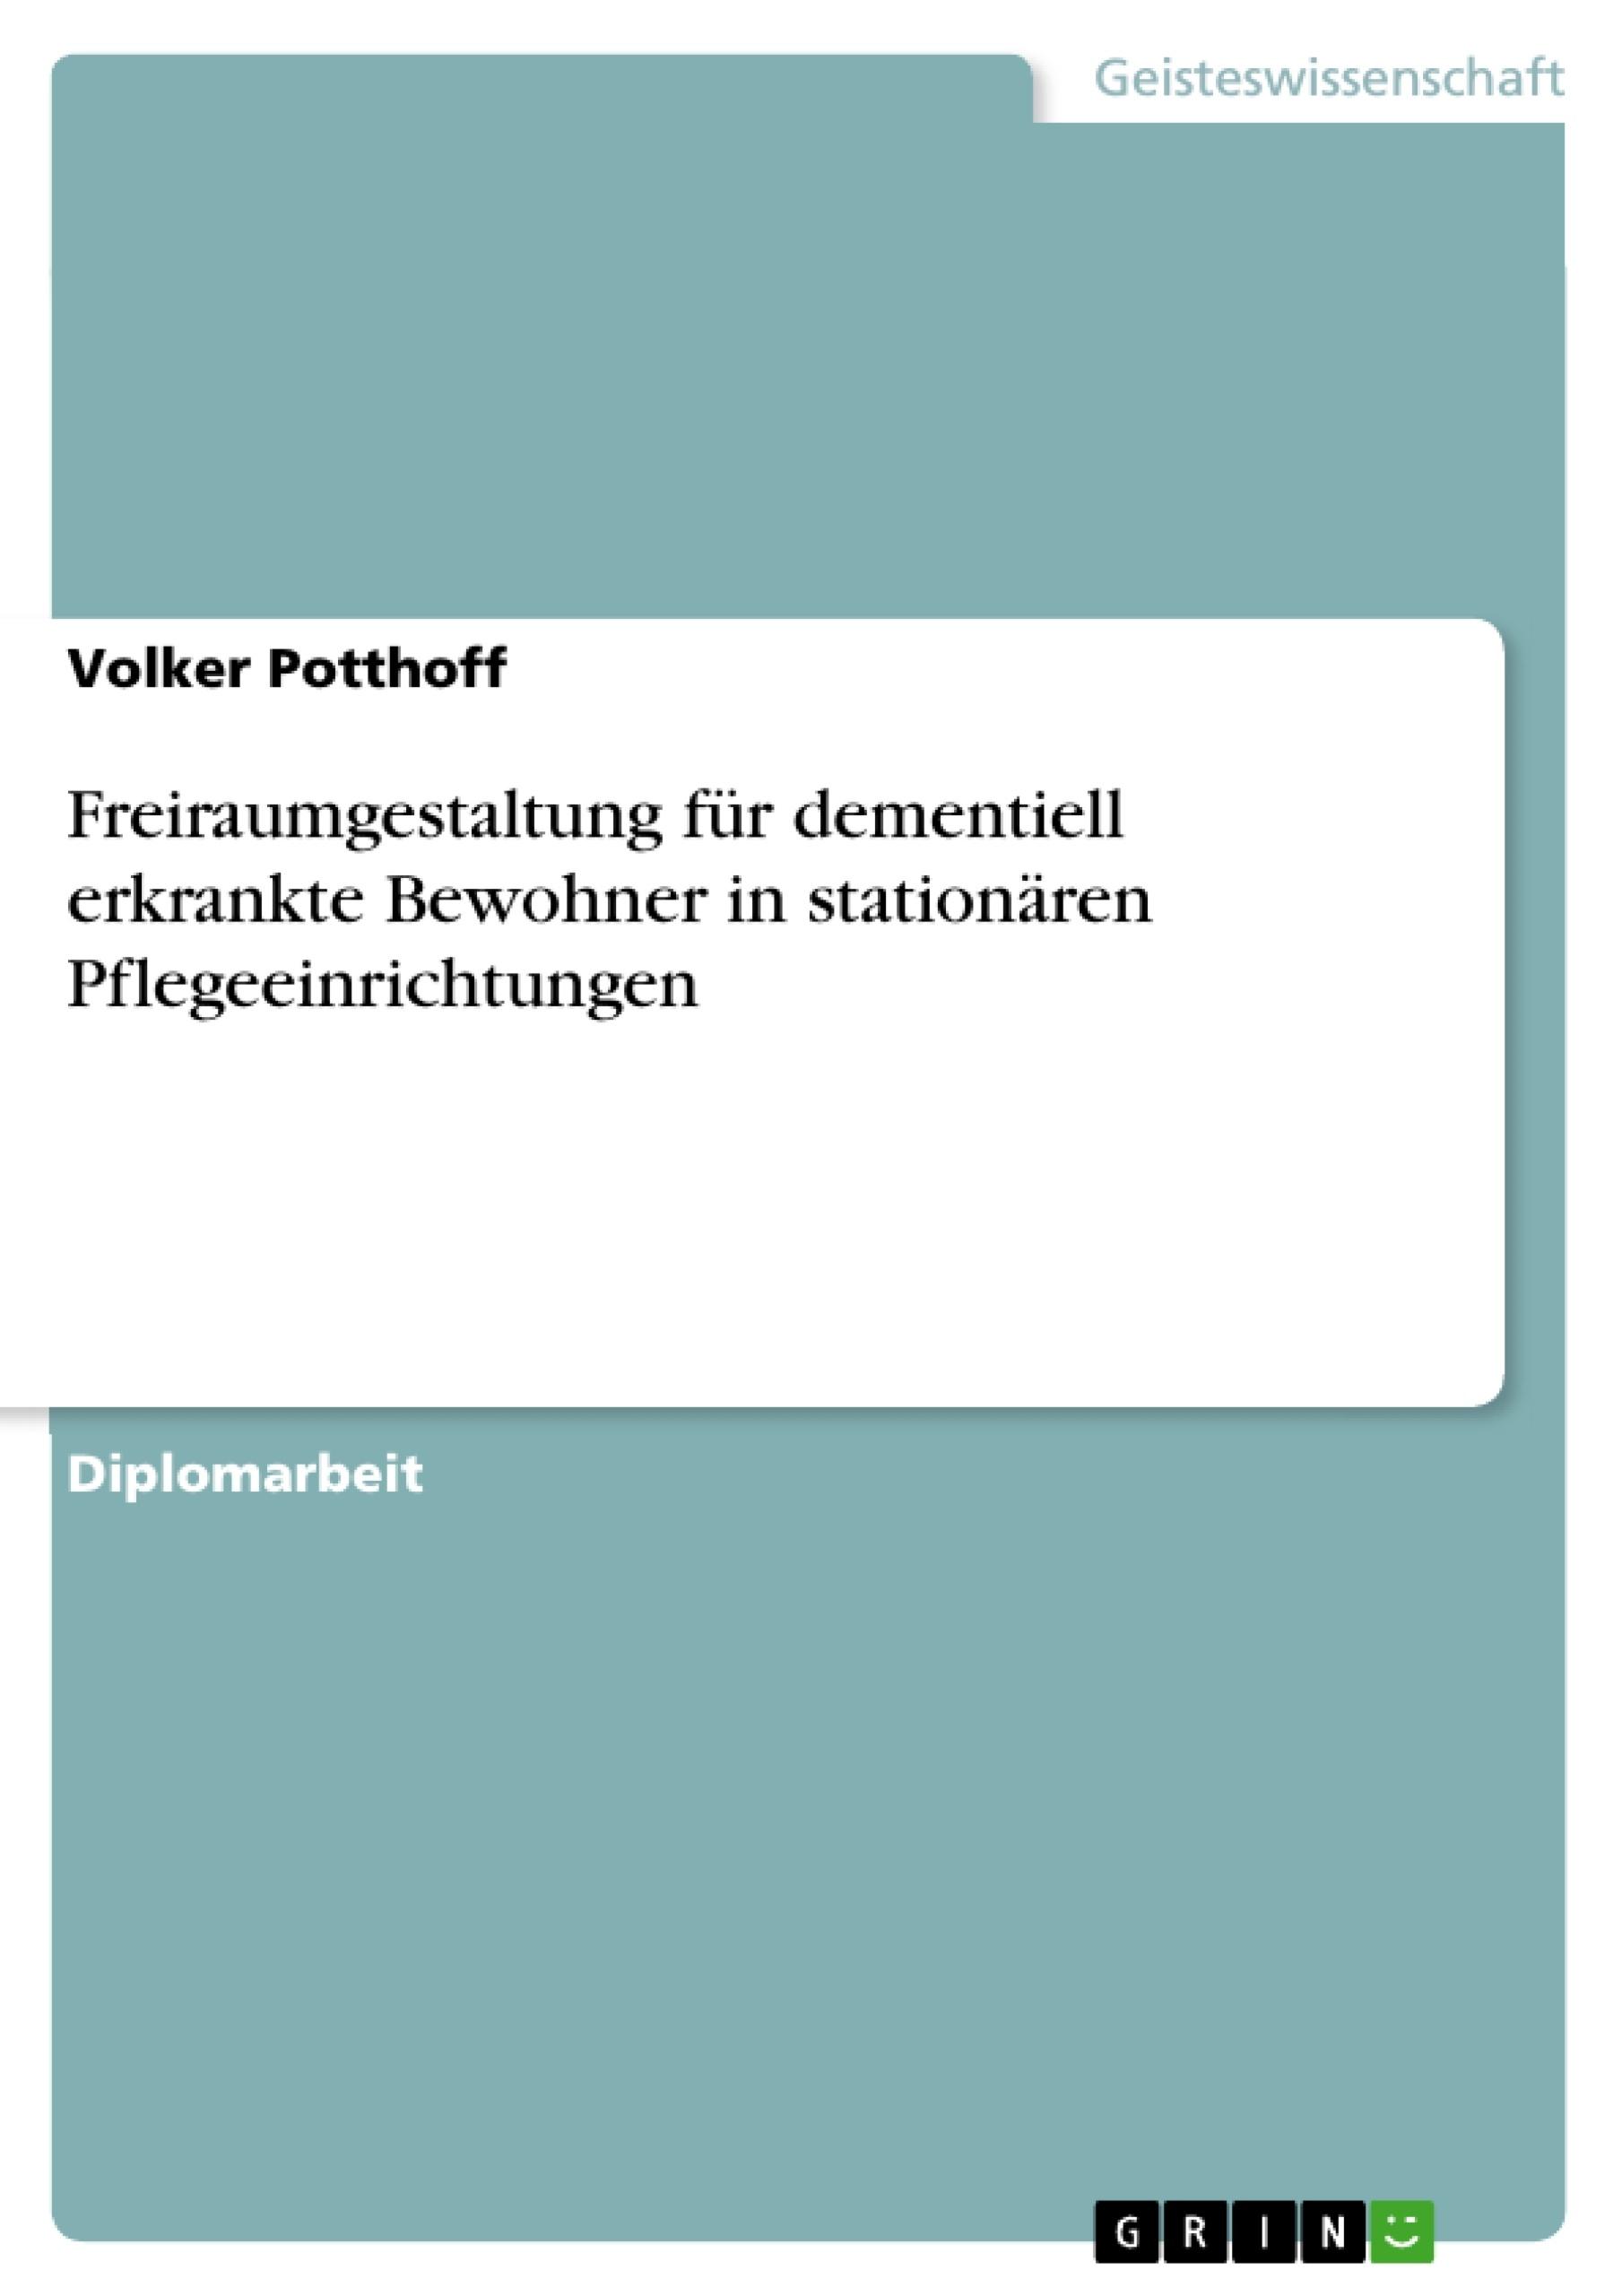 Titel: Freiraumgestaltung für dementiell erkrankte Bewohner in stationären Pflegeeinrichtungen